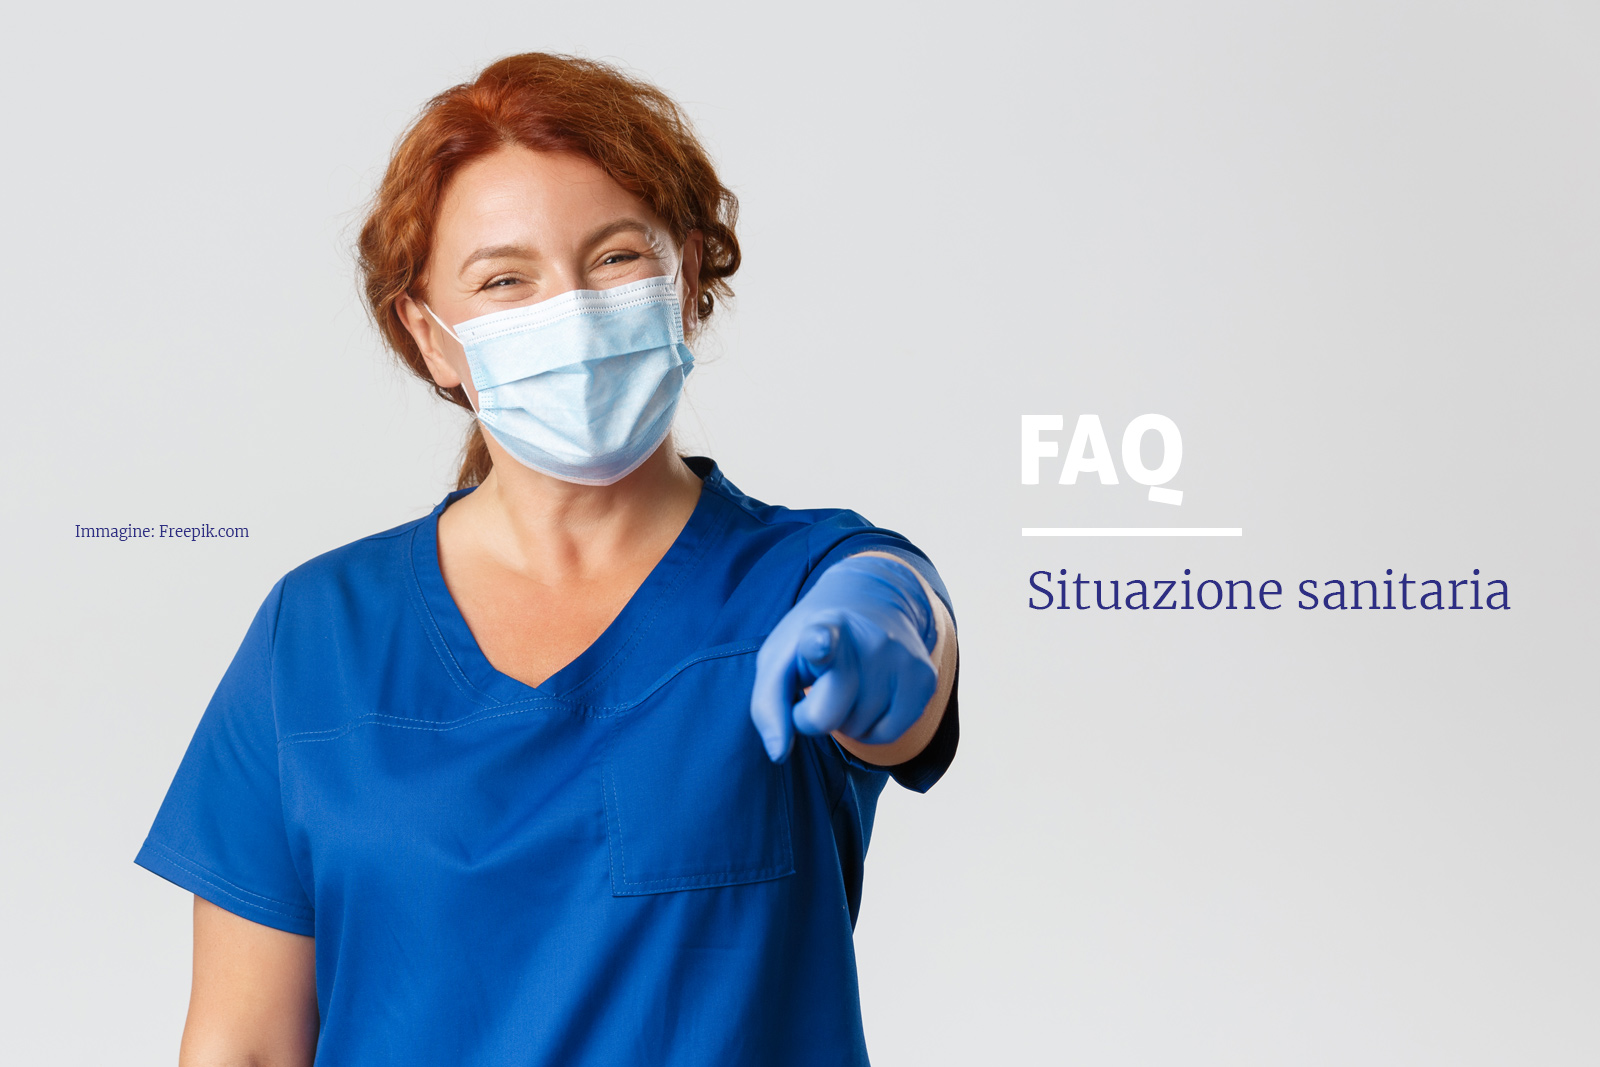 FAQ situazione sanitaria